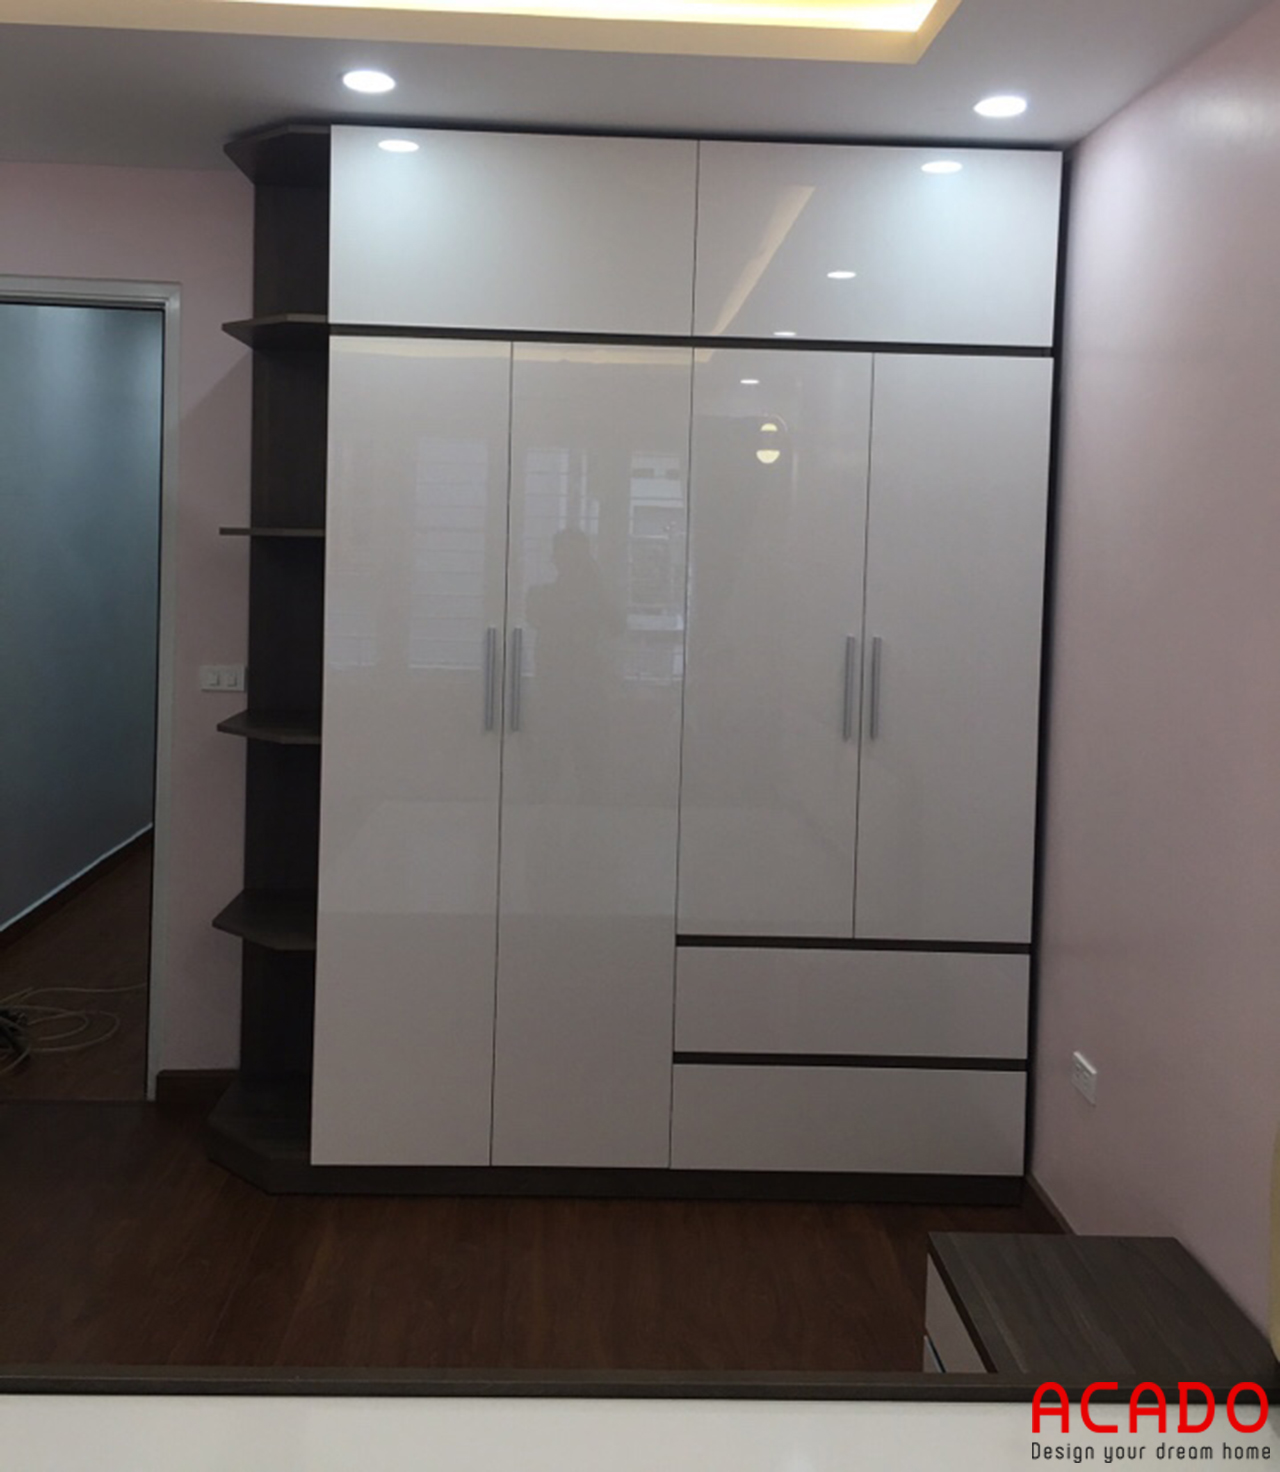 Tủ quần áo Acrylic bóng gương hiện đại và sang trọng cho phòng ngủ